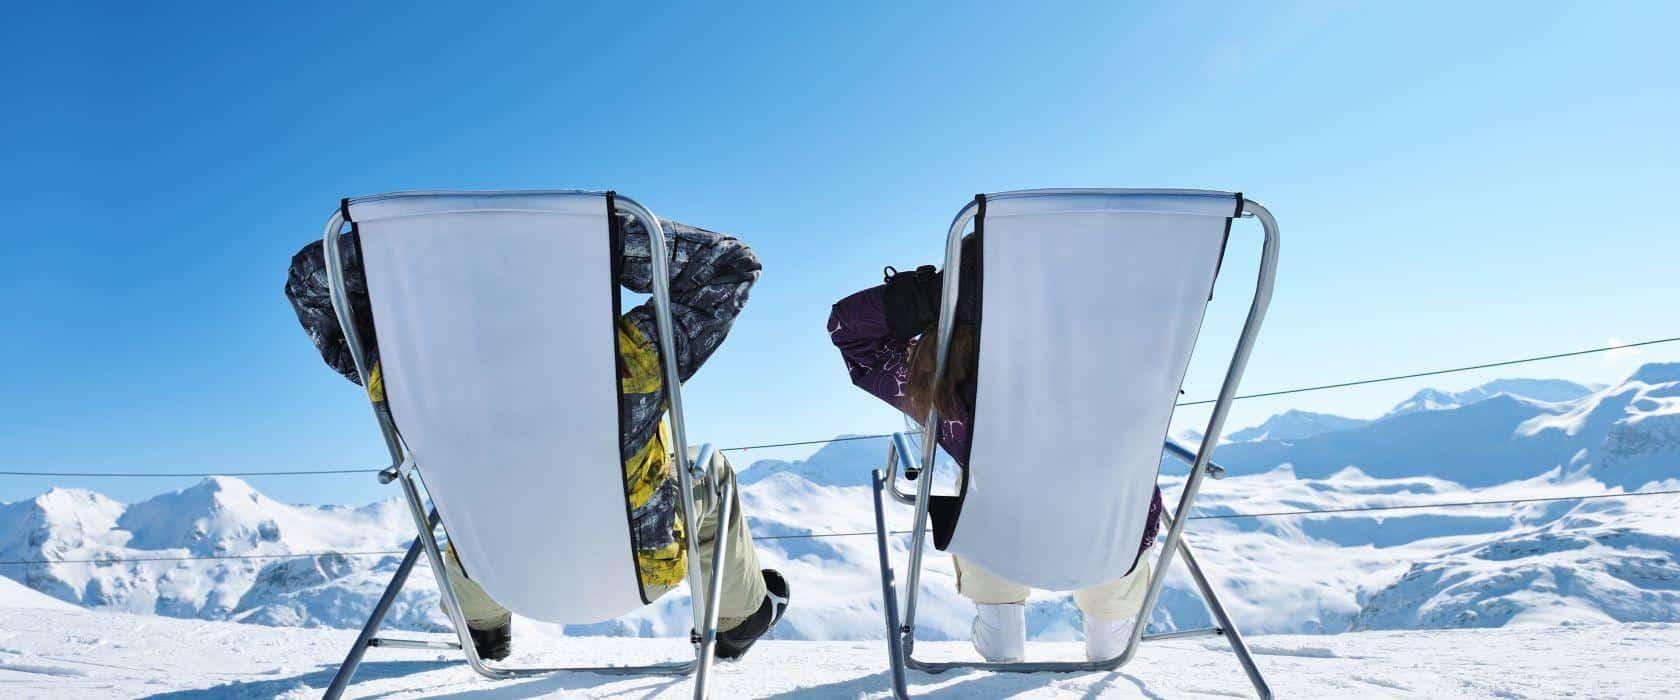 Un agréable séjour en station de ski